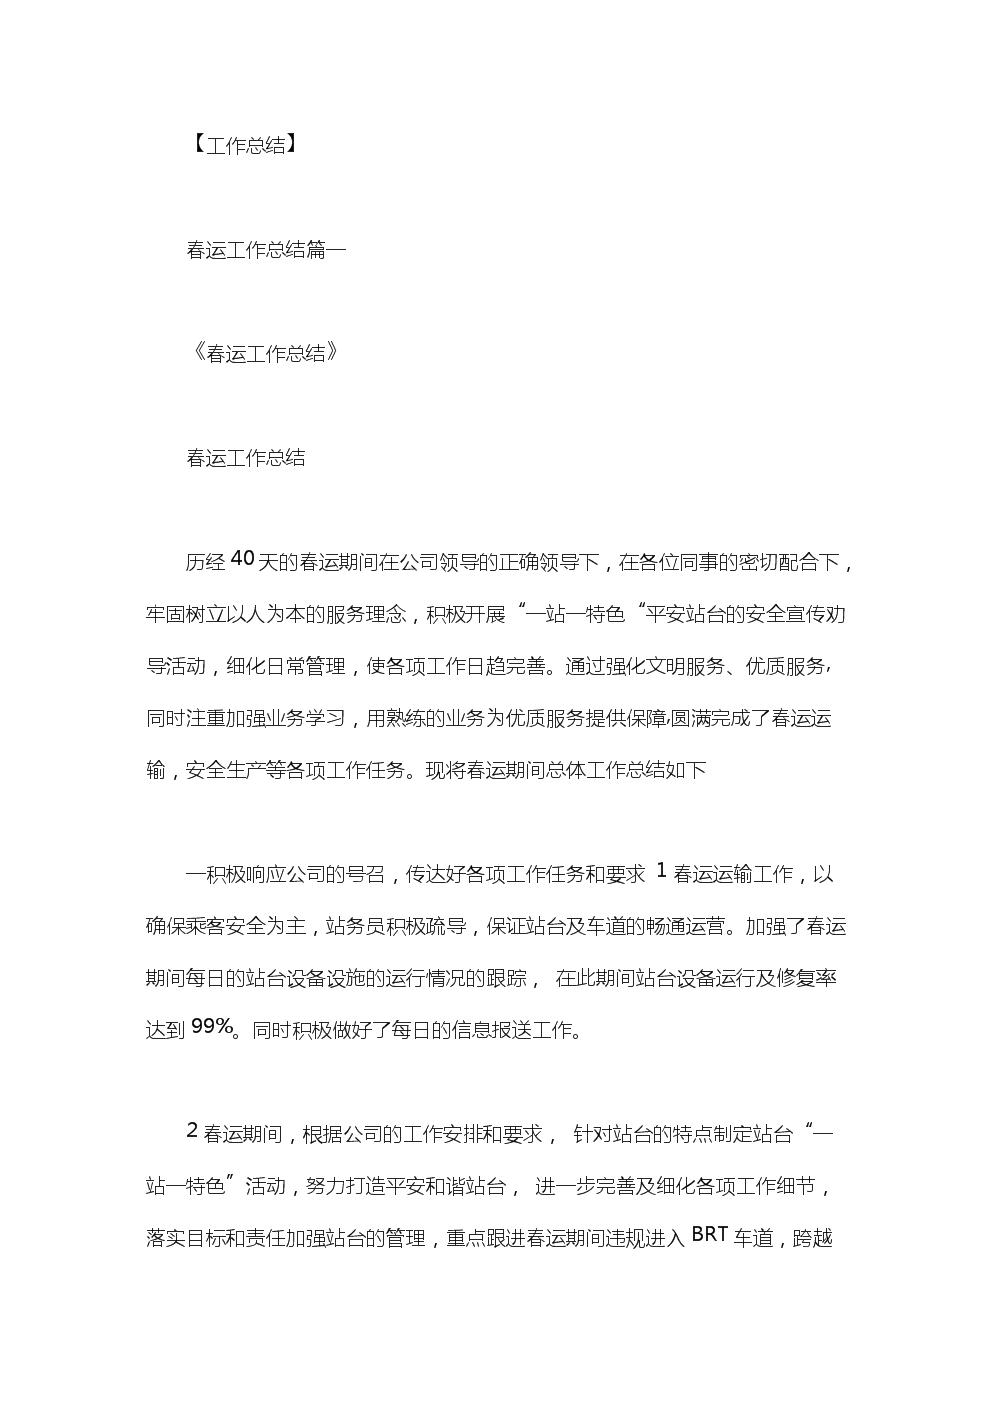 春运工作总结汇总.doc